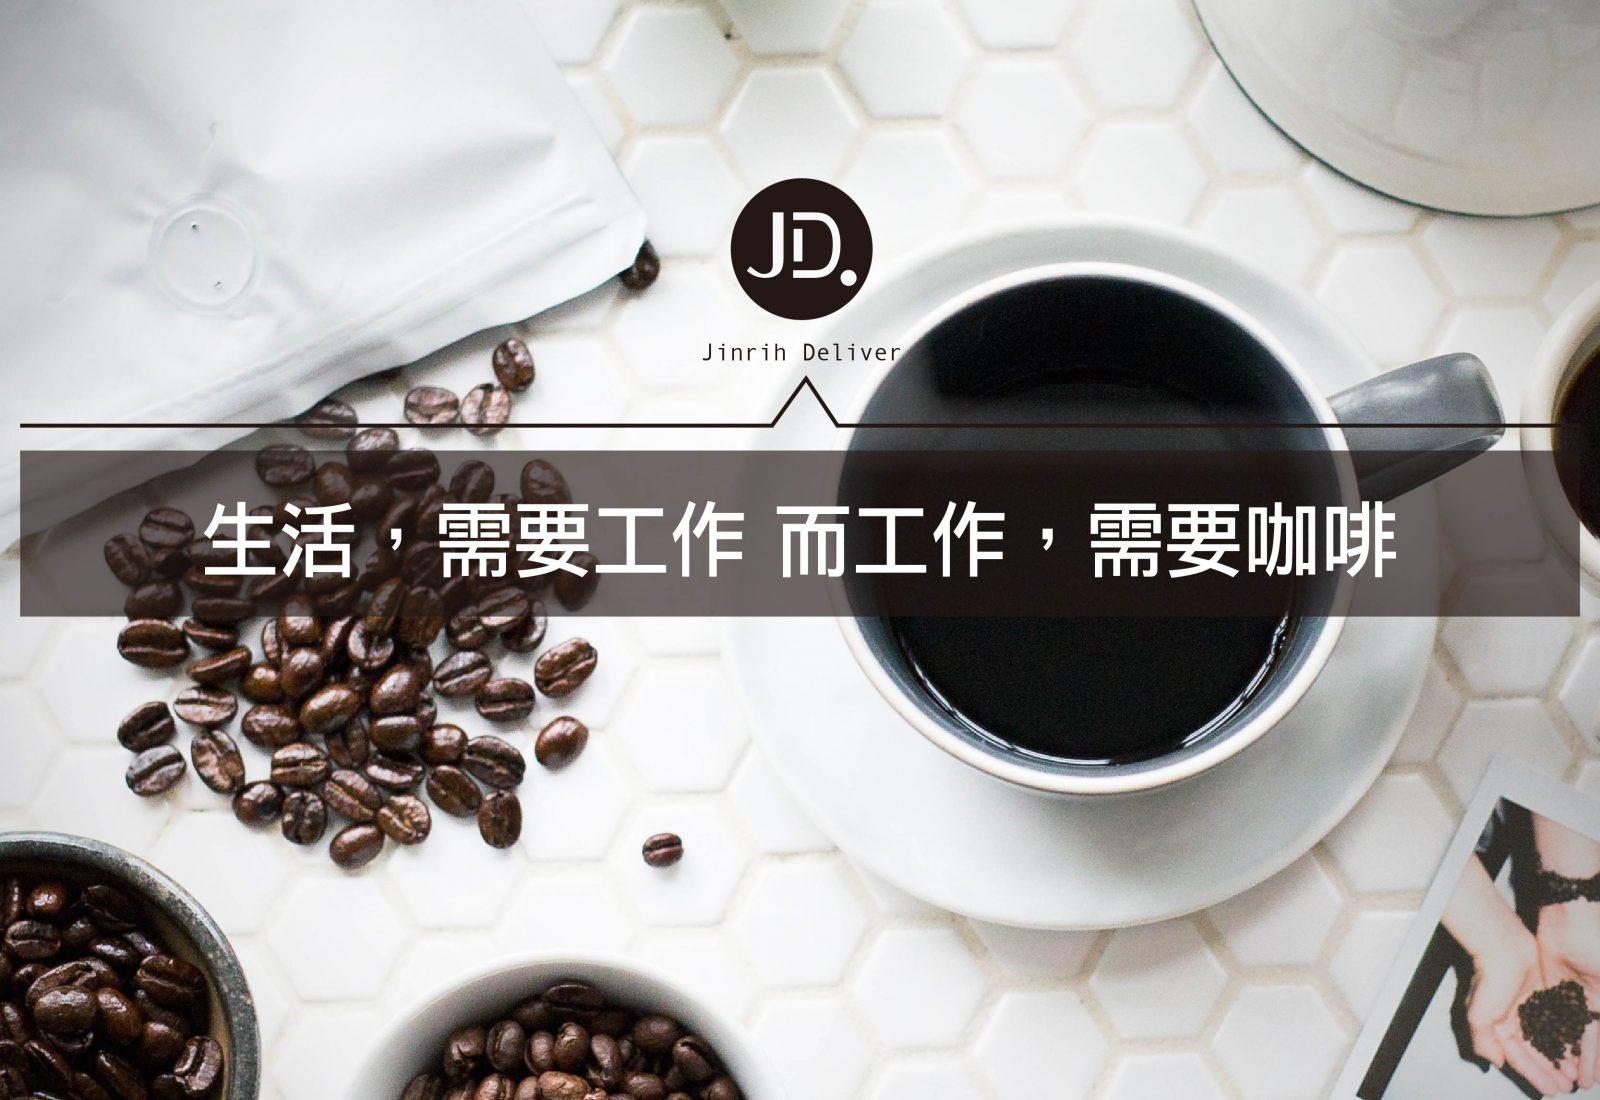 【品味生活】喝出好質感 咖啡的鮮度決定你生活的高度